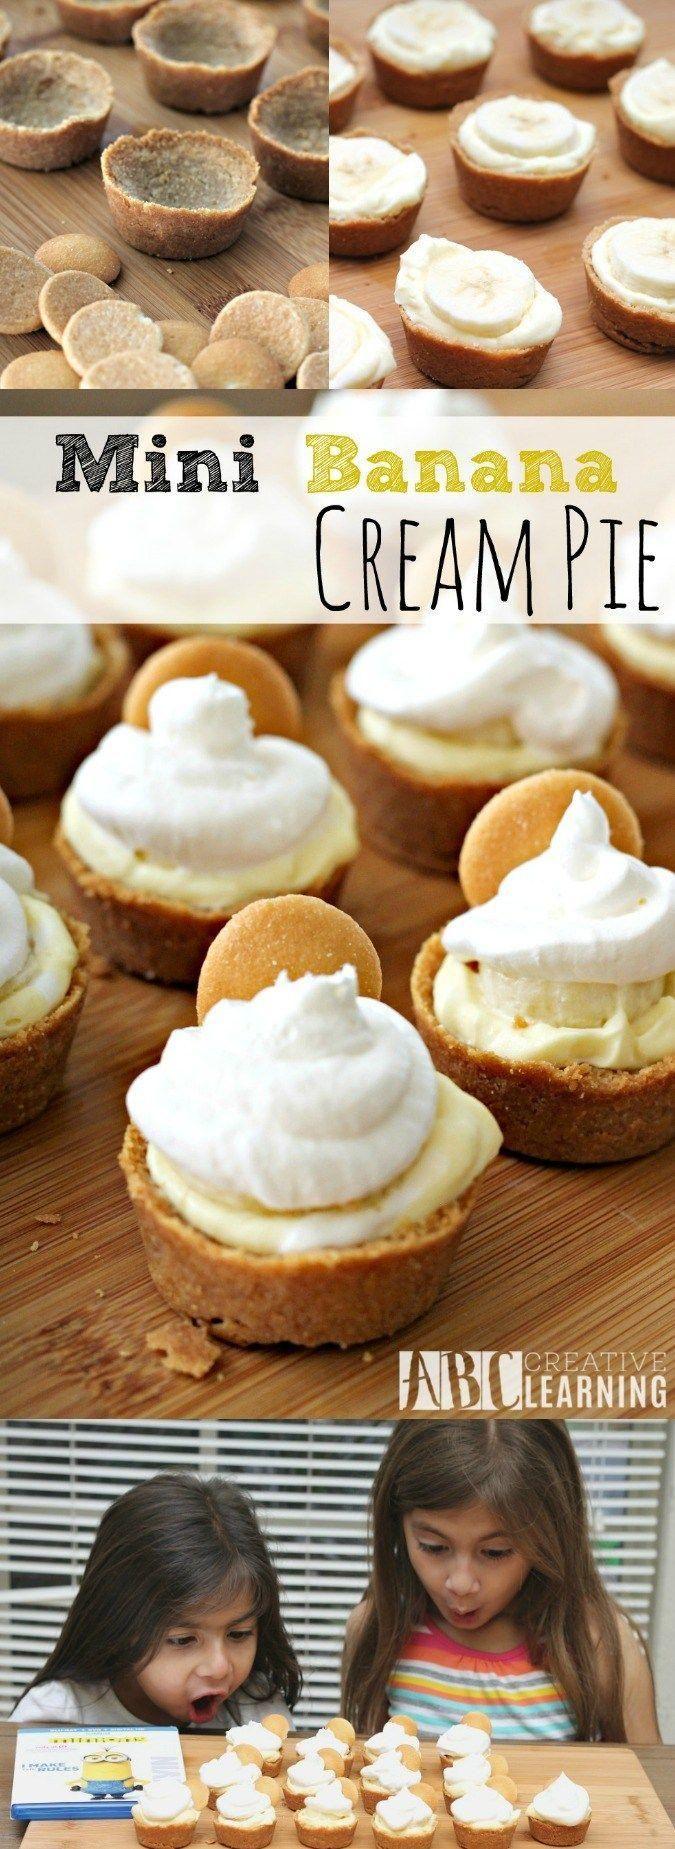 Mini Banana Cream Pie - Pies & Tarts -